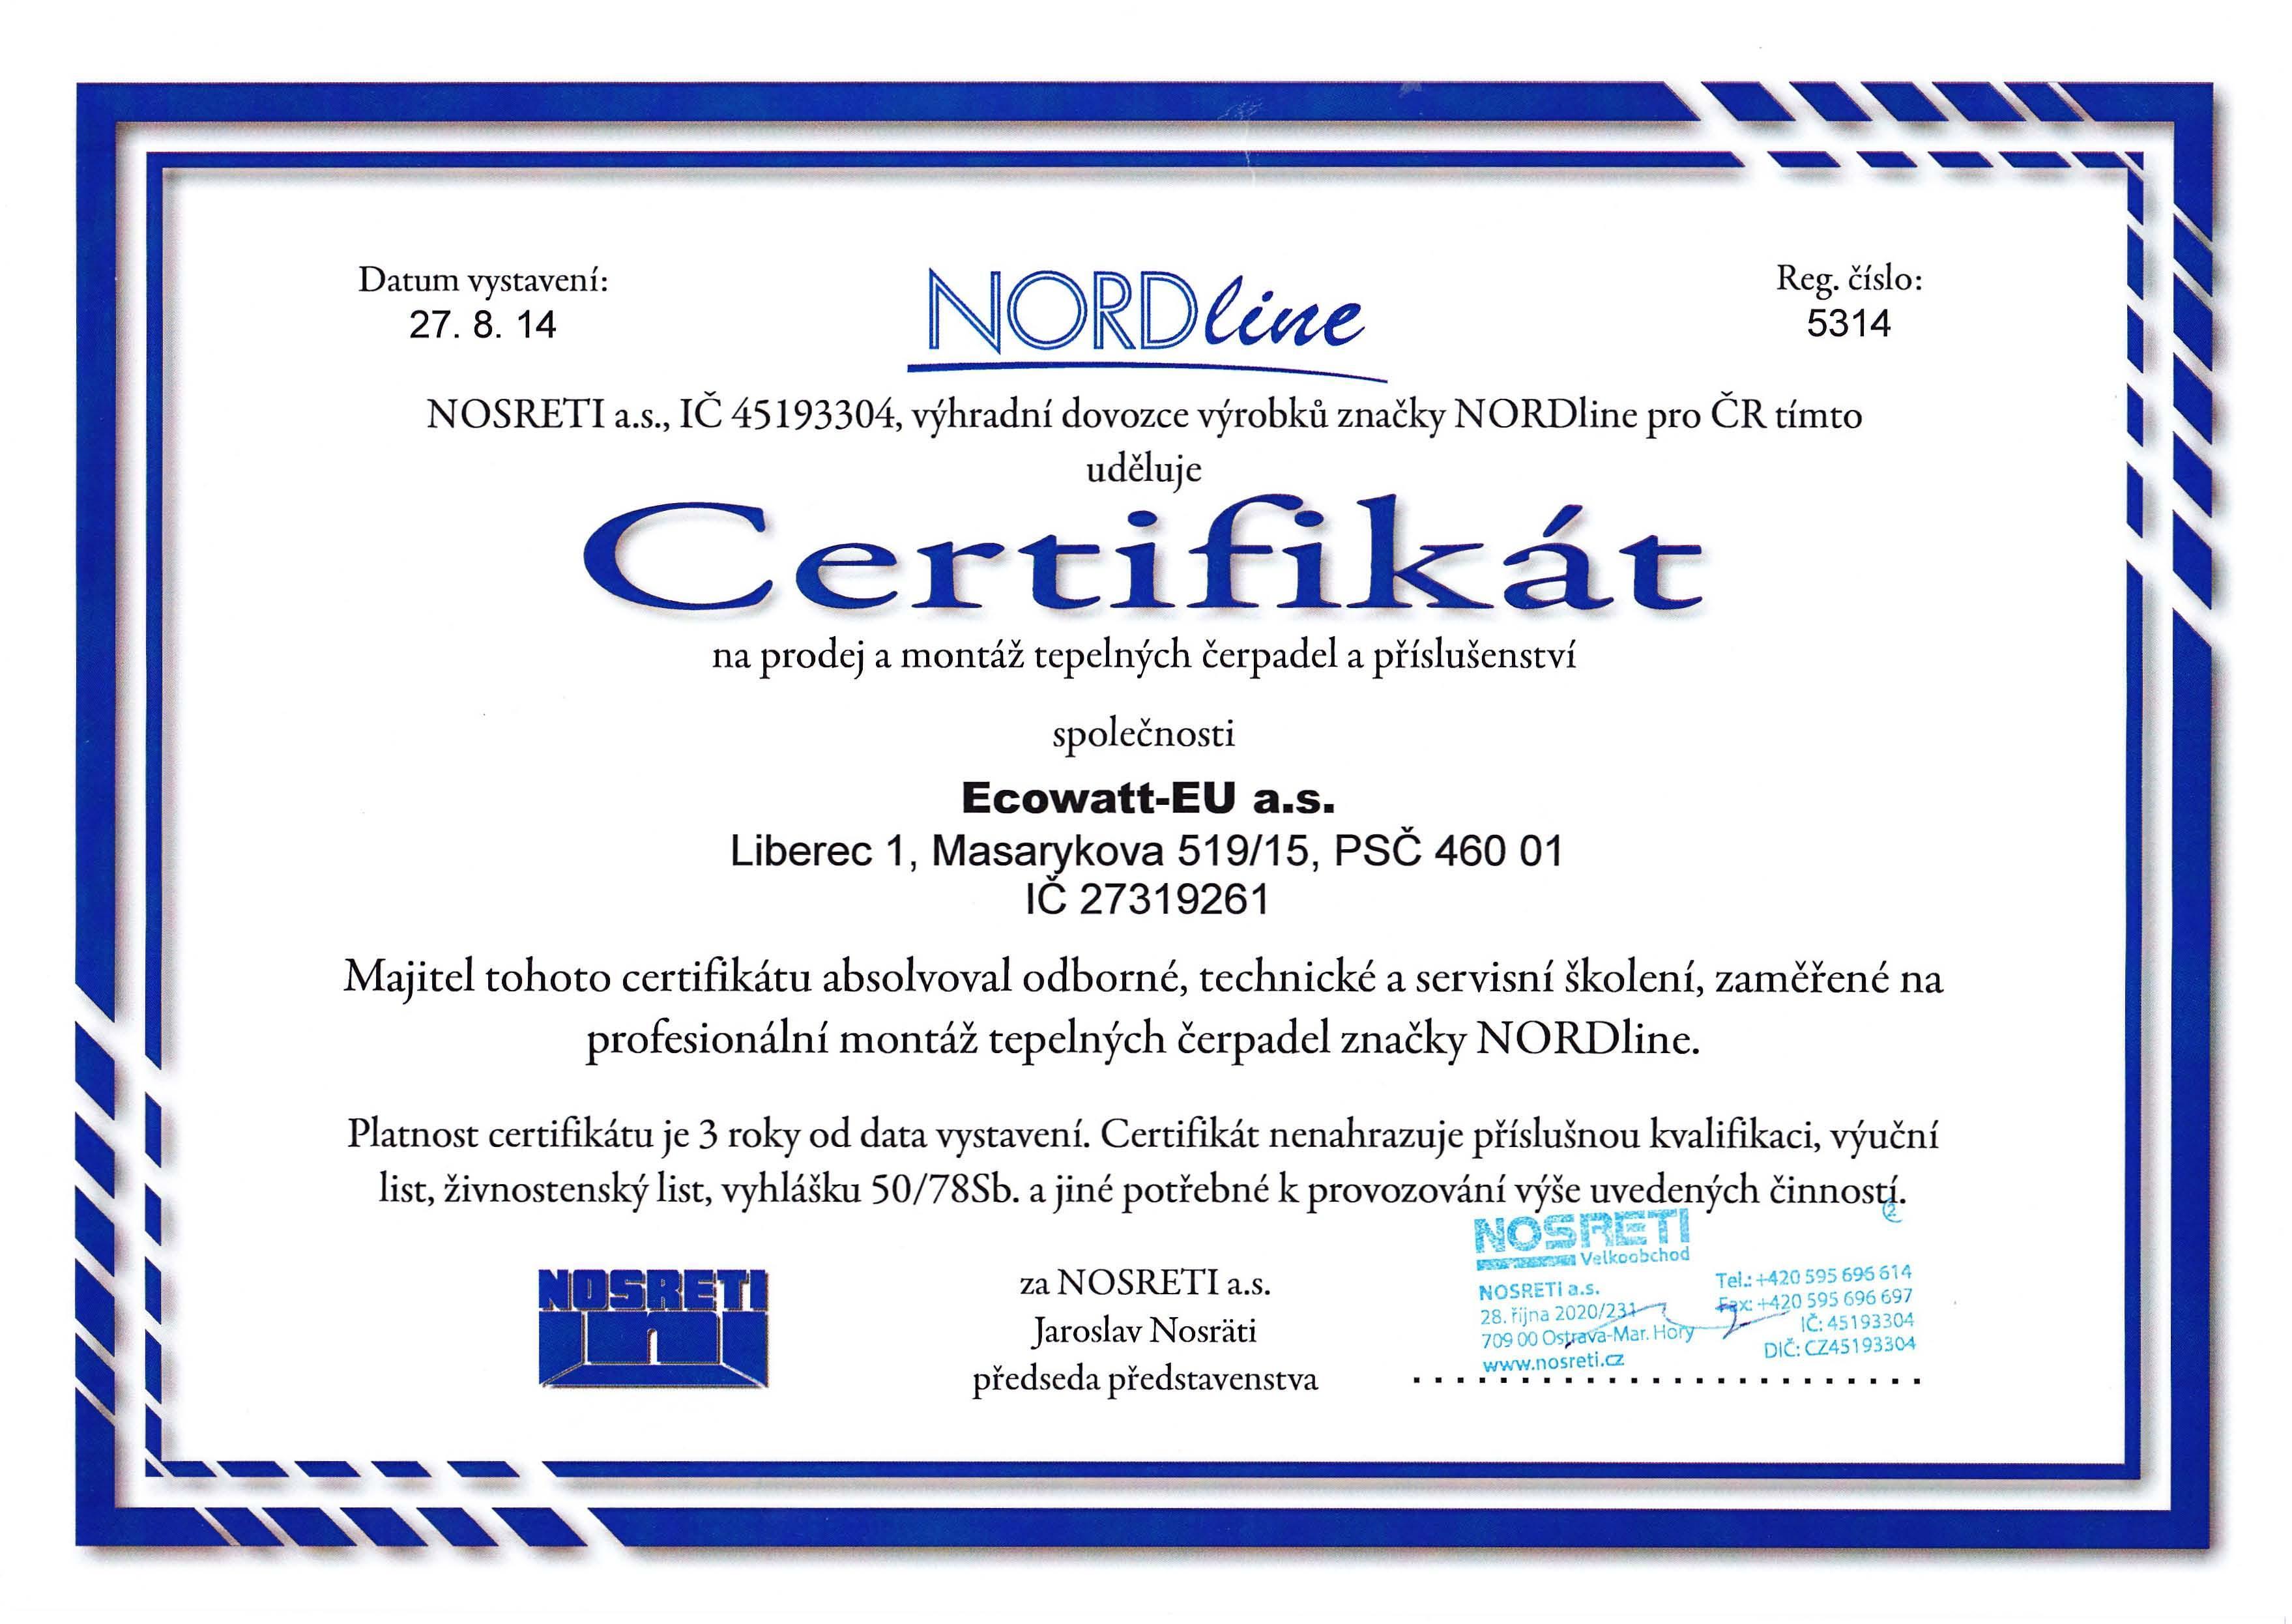 Certifikát na prodej a montáž tepelných čerpadel a příslušenství.